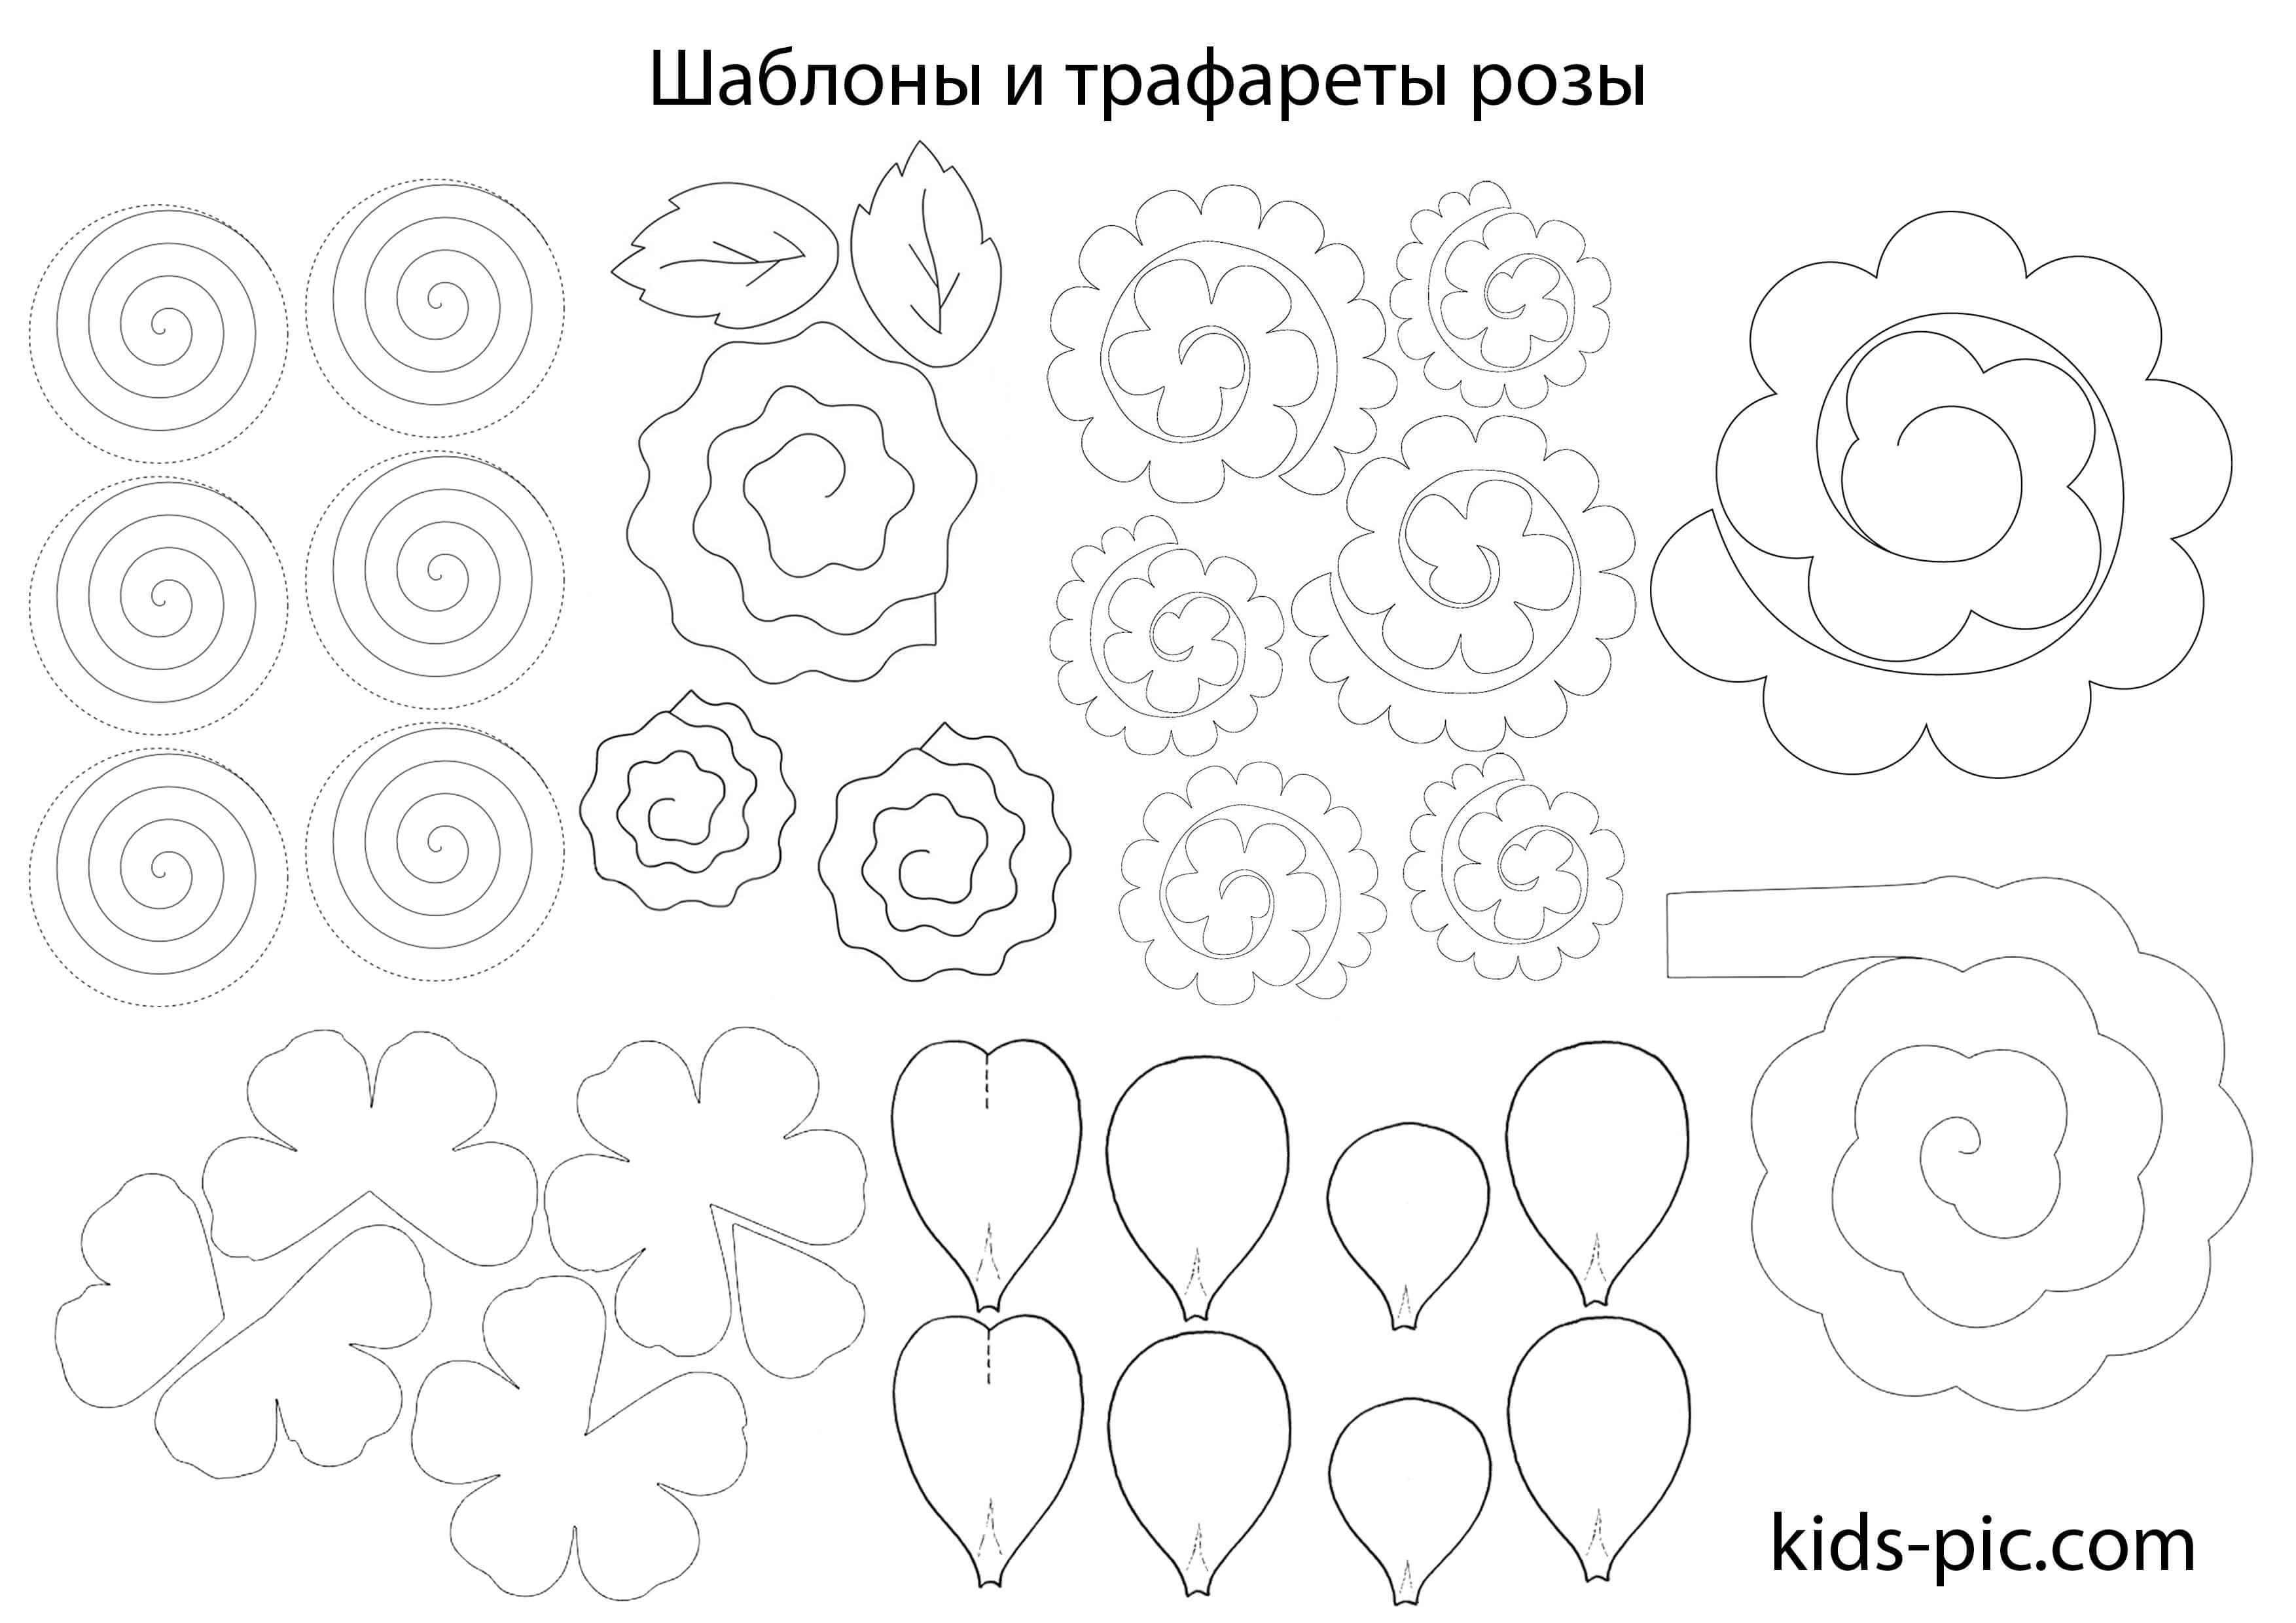 Открытки из фетра своими руками схемы шаблоны на день рождения, вселенная